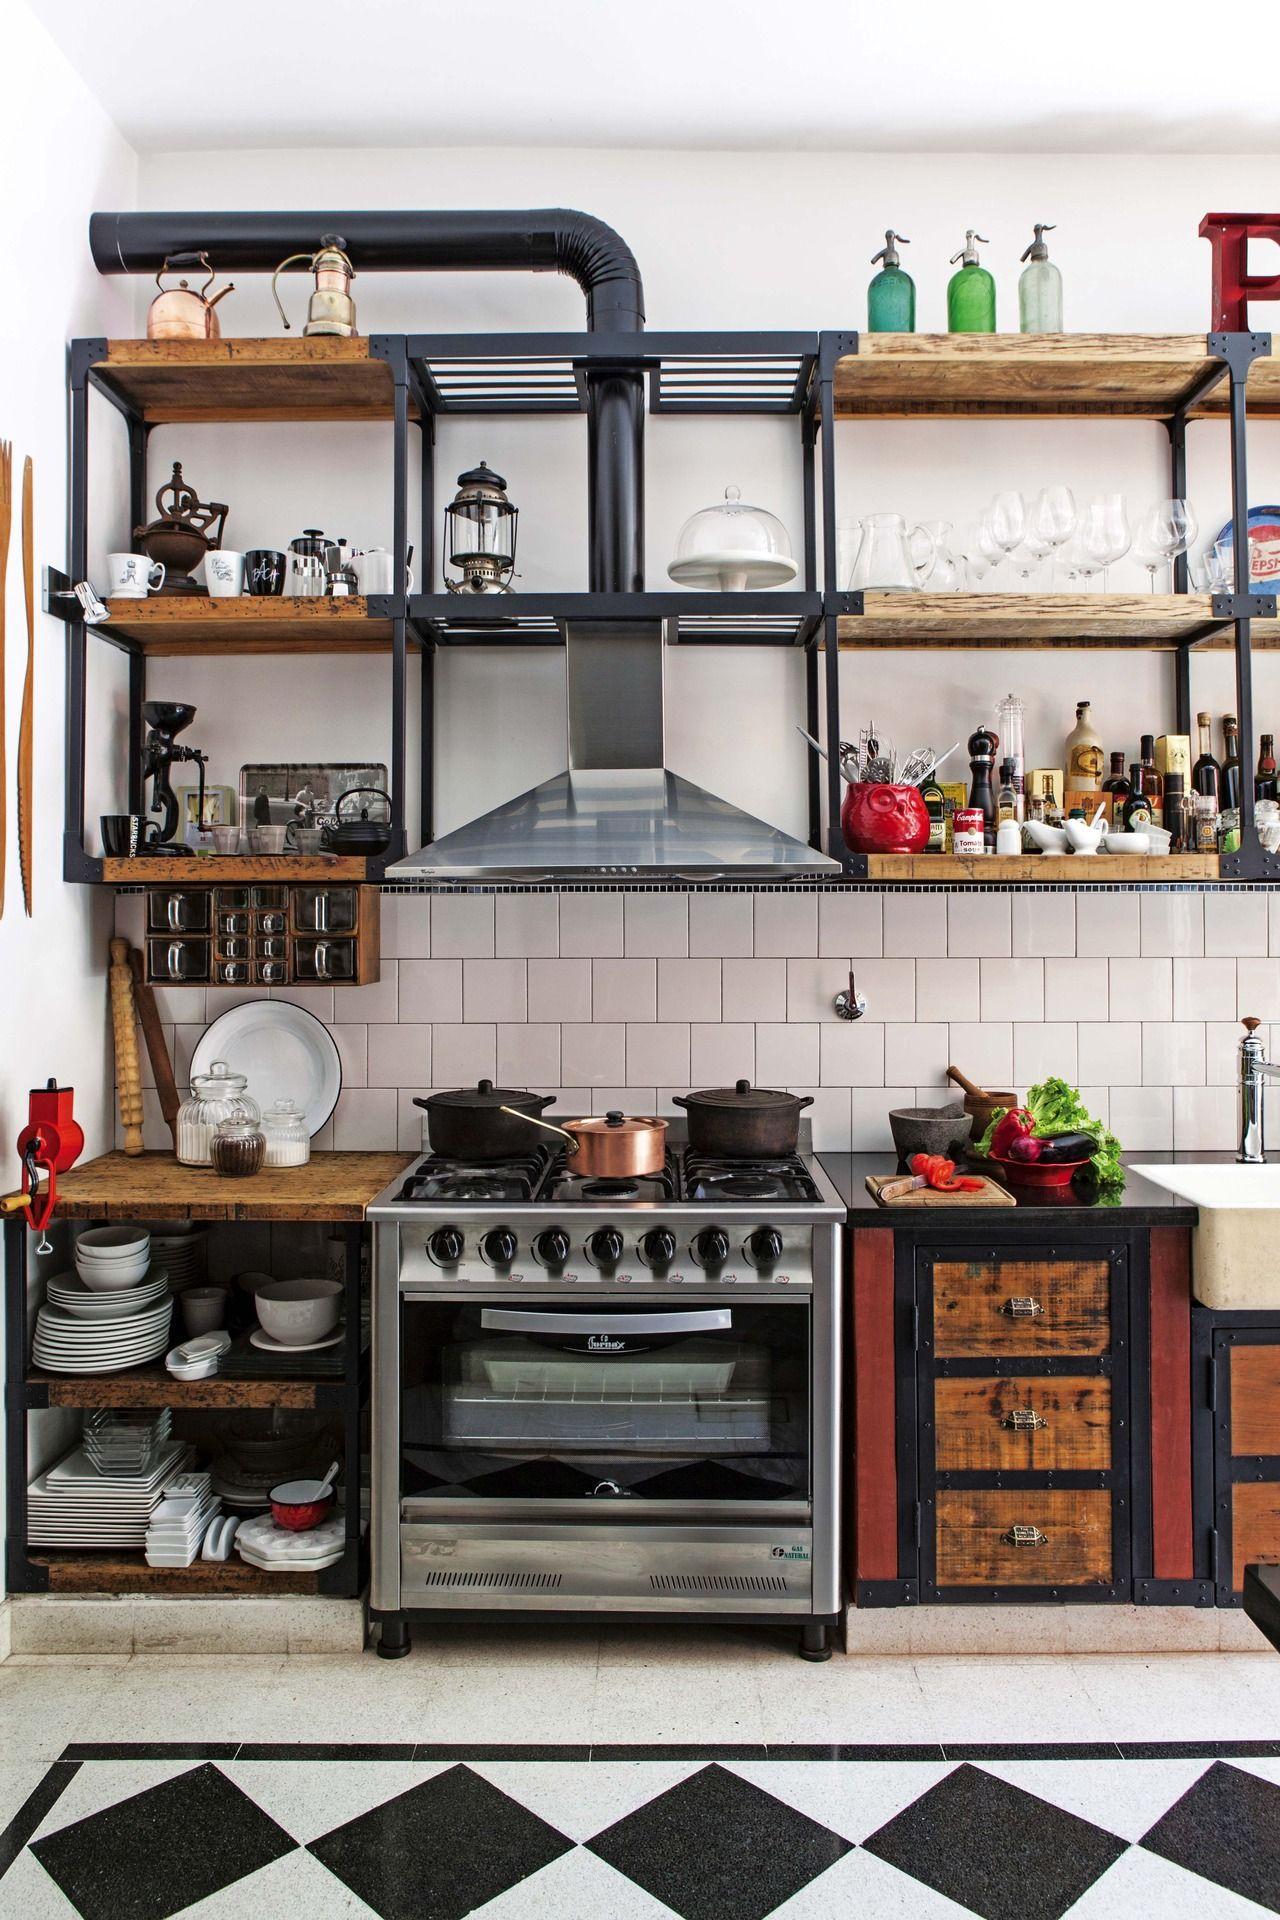 Una cocina dise ada para exponer los tesoros de sus due os - Muebles de entrada vintage ...